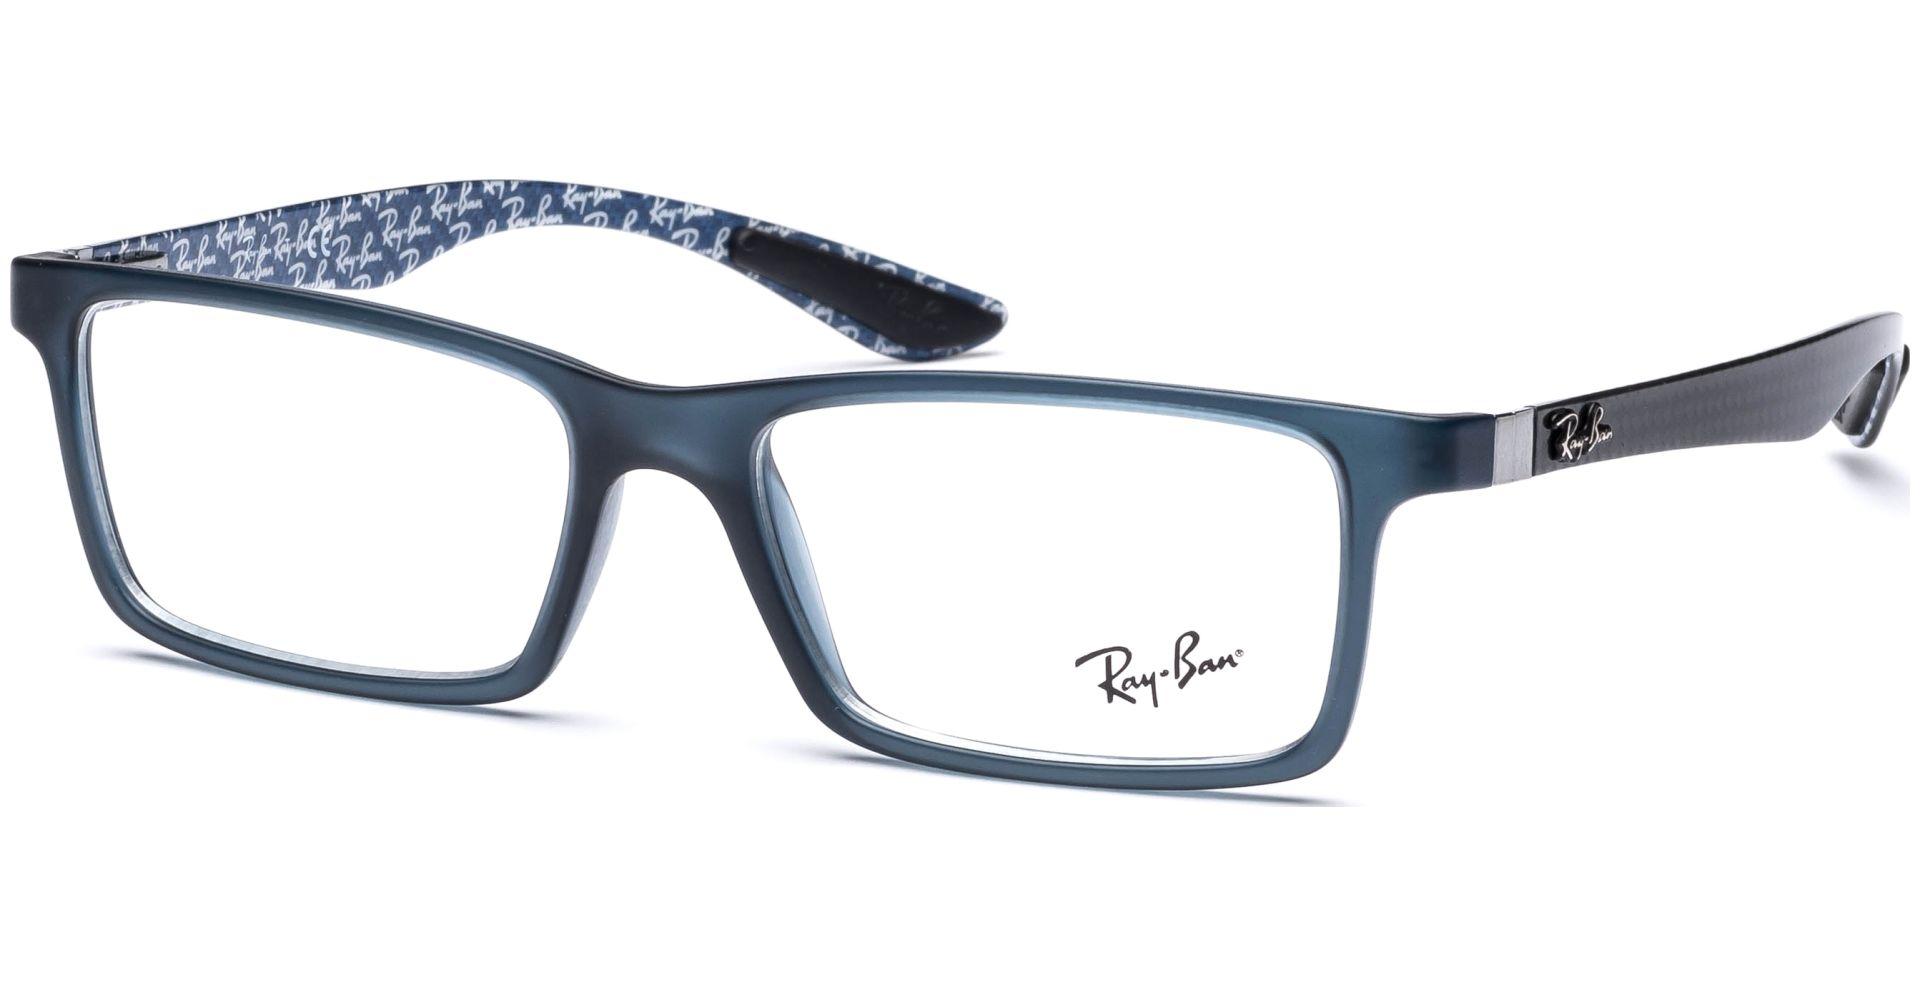 ray ban brille innen blau